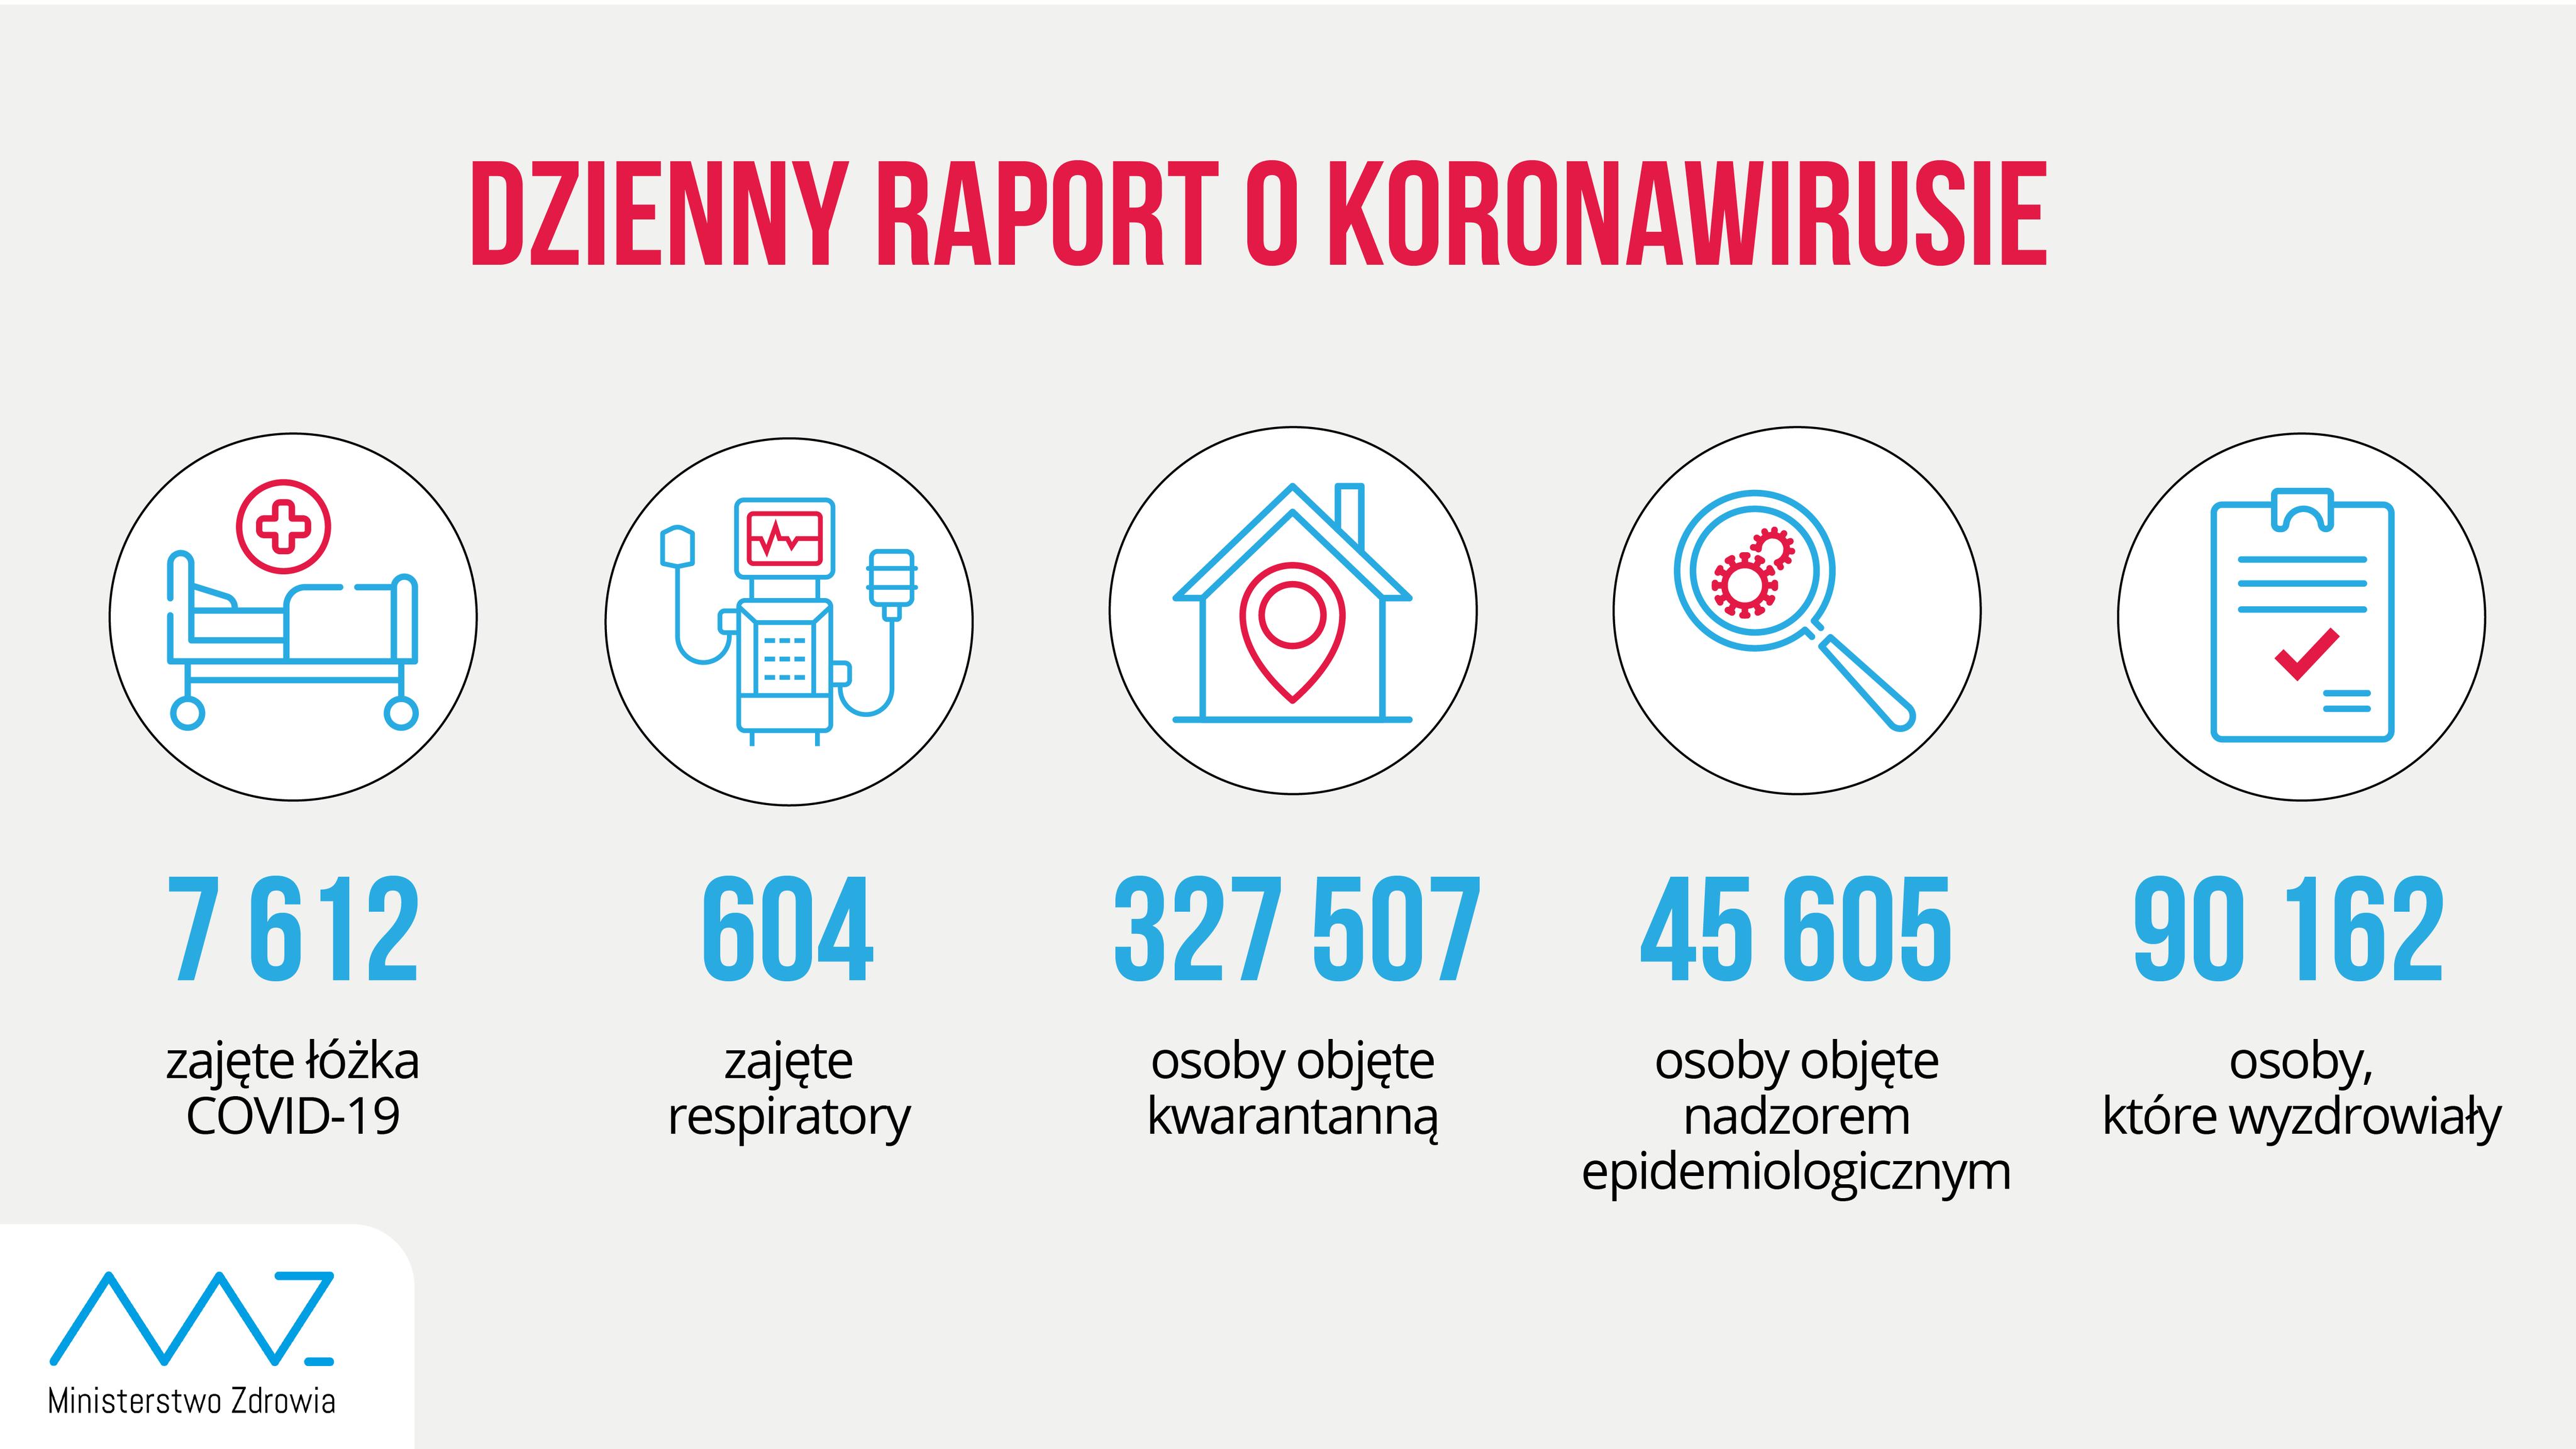 - liczba zajętych łóżek COVID-19: 7 612 - liczba zajętych respiratorów: 604 - liczba osób objętych kwarantanną: 327 507 - liczba osób objętych nadzorem sanitarno-epidemiologicznym: 45 605 - liczba osób, które wyzdrowiały: 90 162